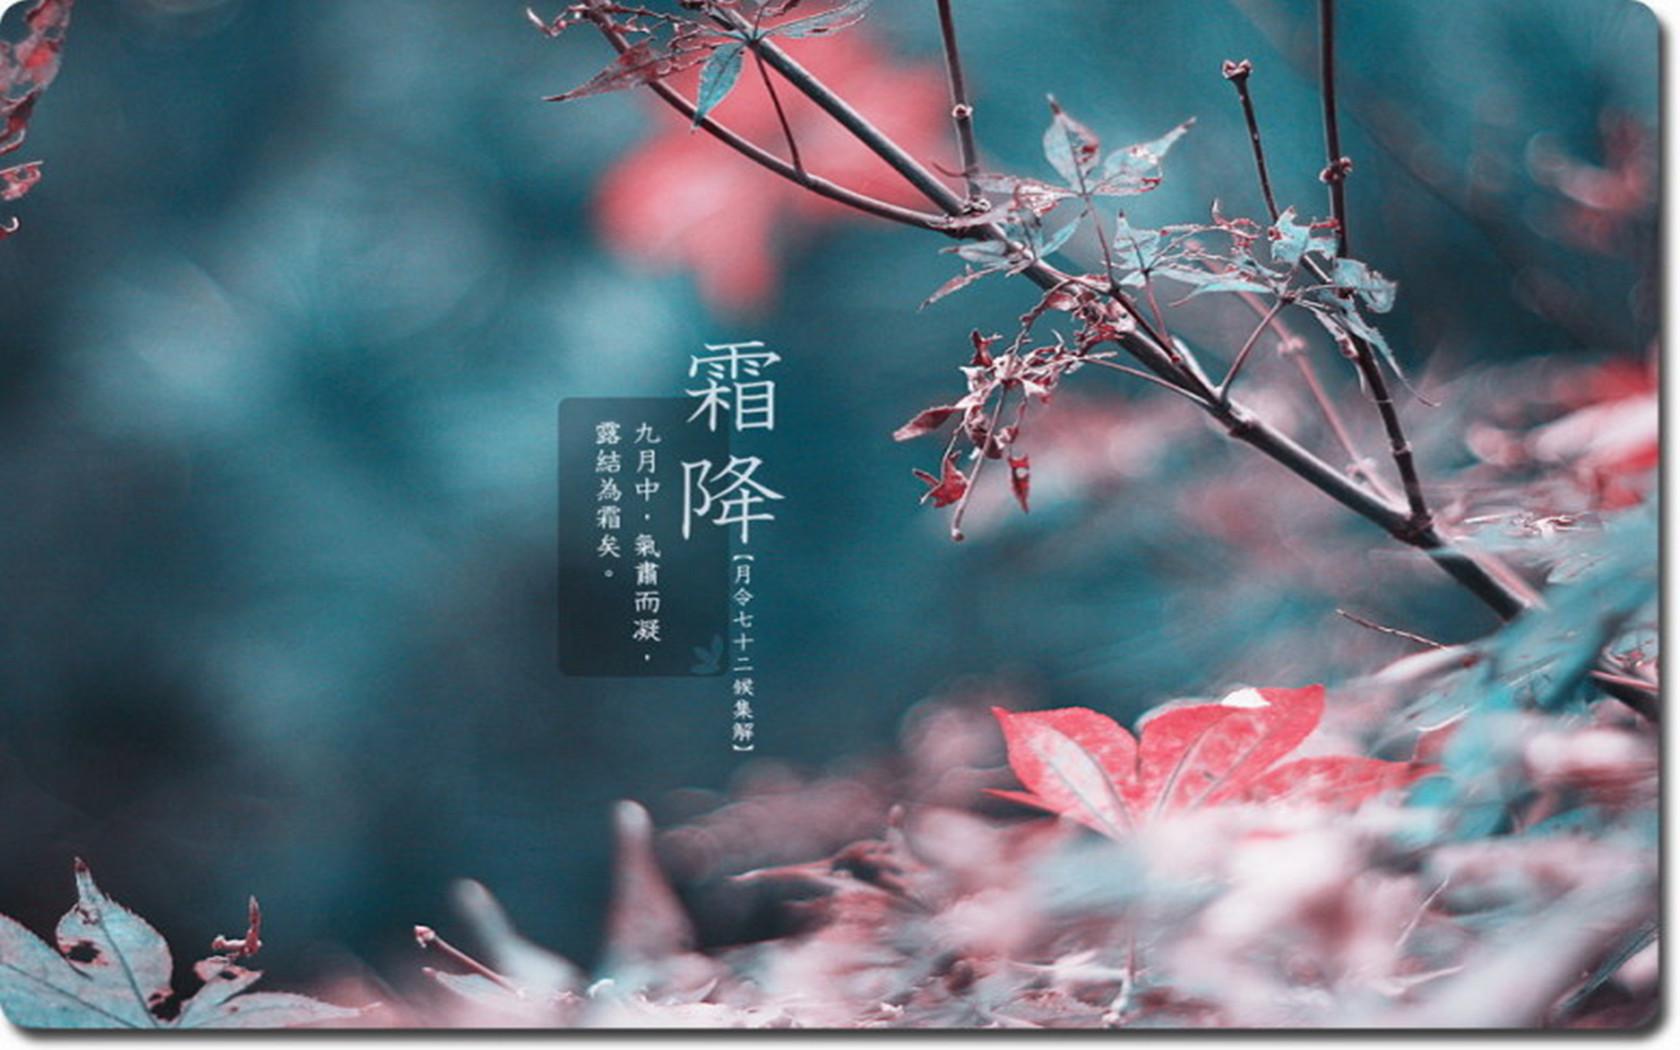 """10月23日19时22分""""霜降"""":冷空气开始活动频繁,天气变化大"""